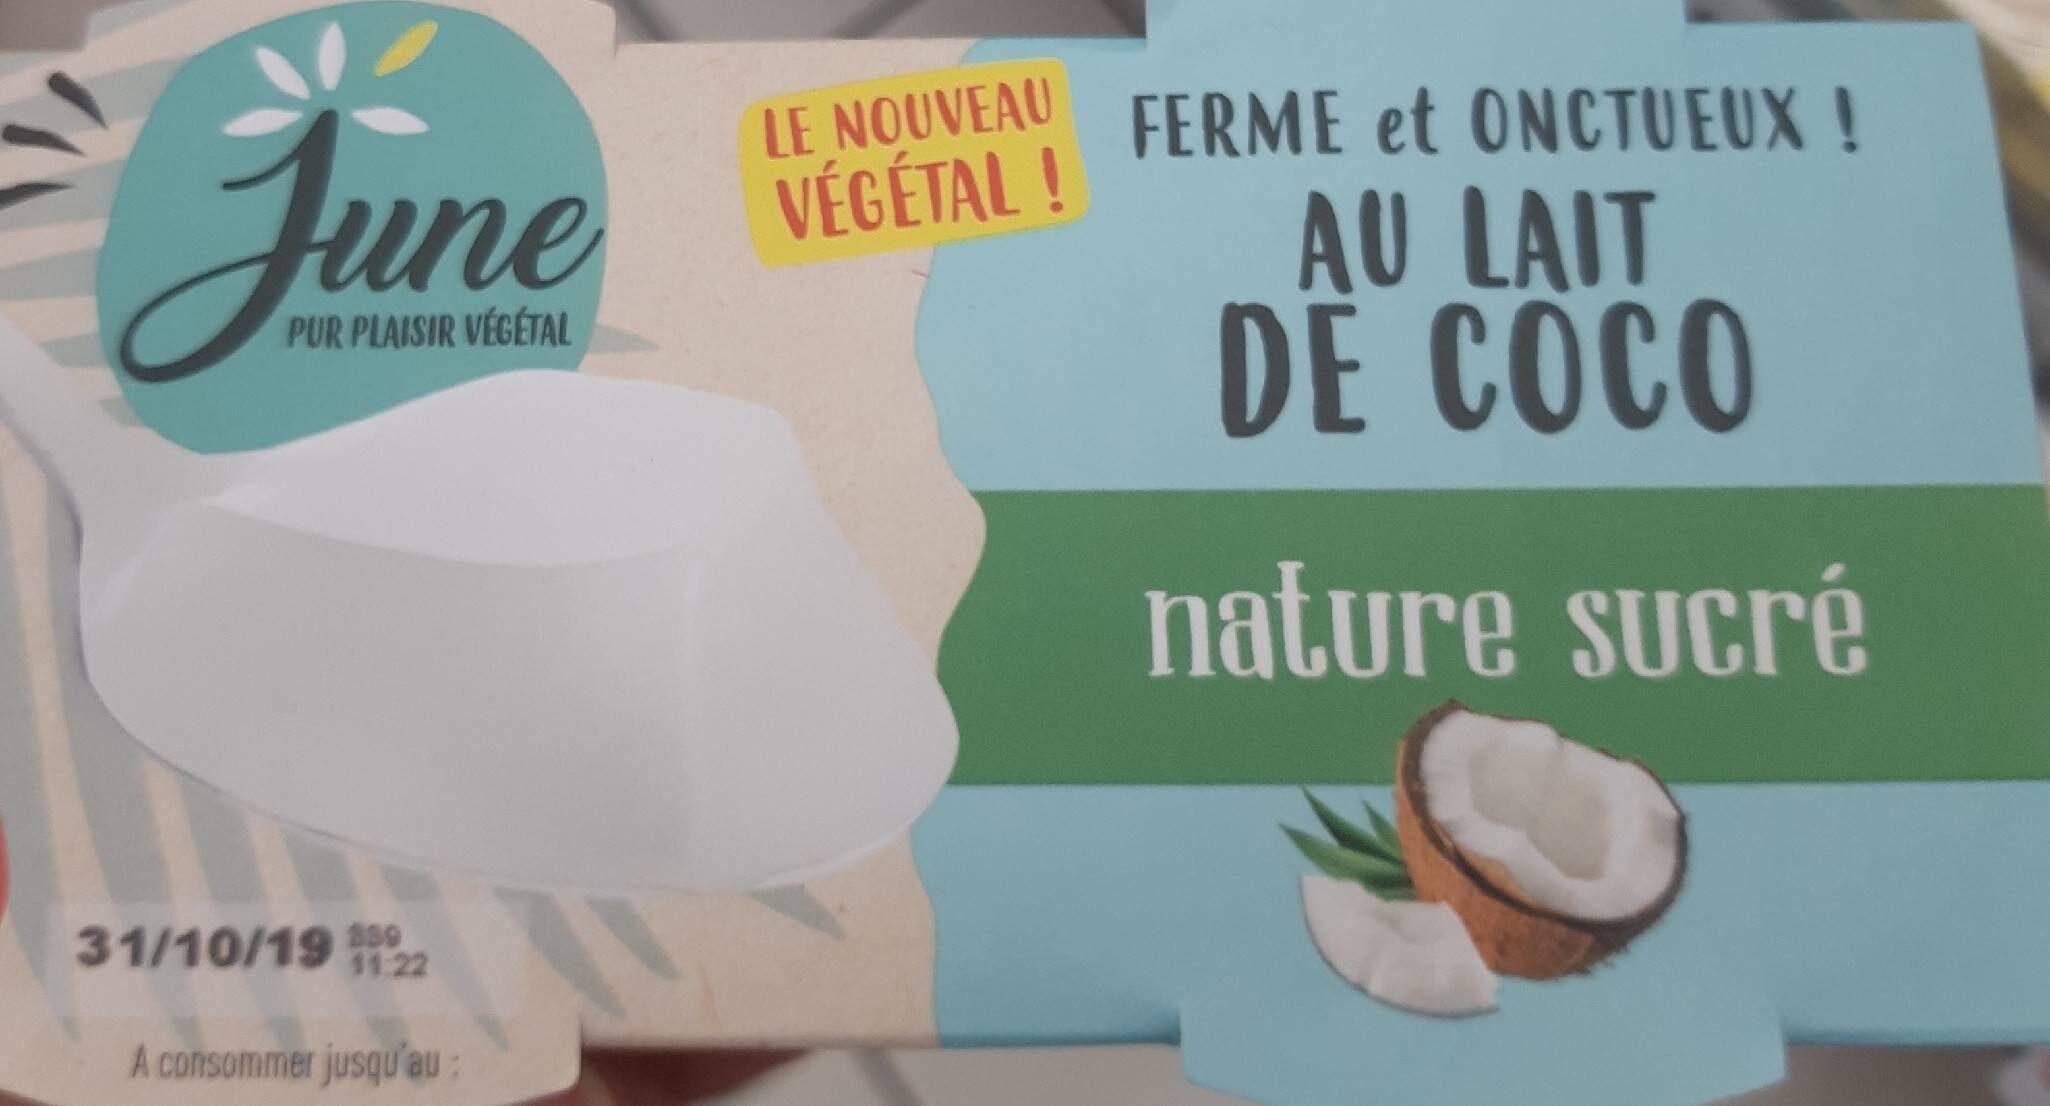 Ferme et onctueux au lait de coco - Product